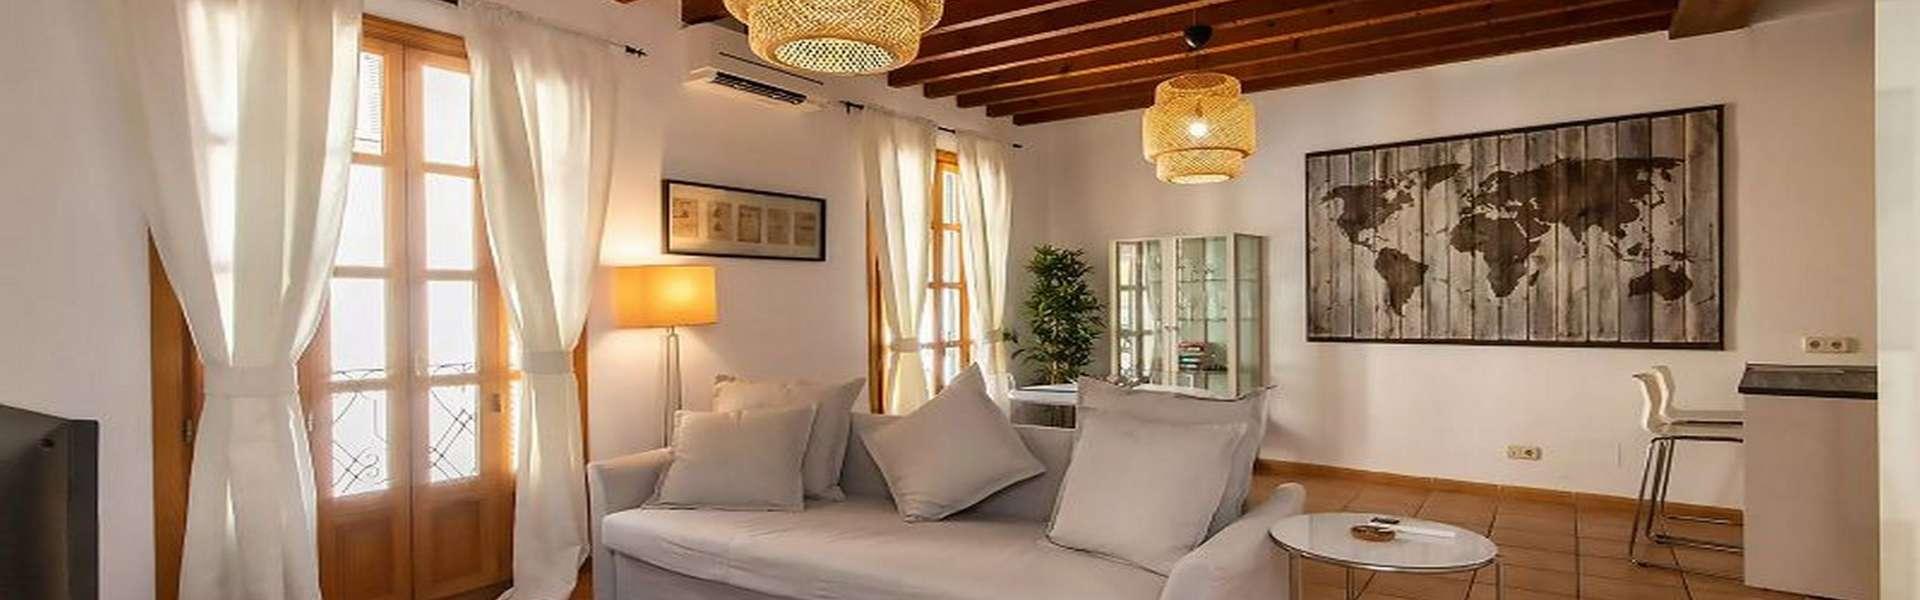 Palma/Altstadt - Renoviertes Apartment im Herzen der Stadt zum Verkauf